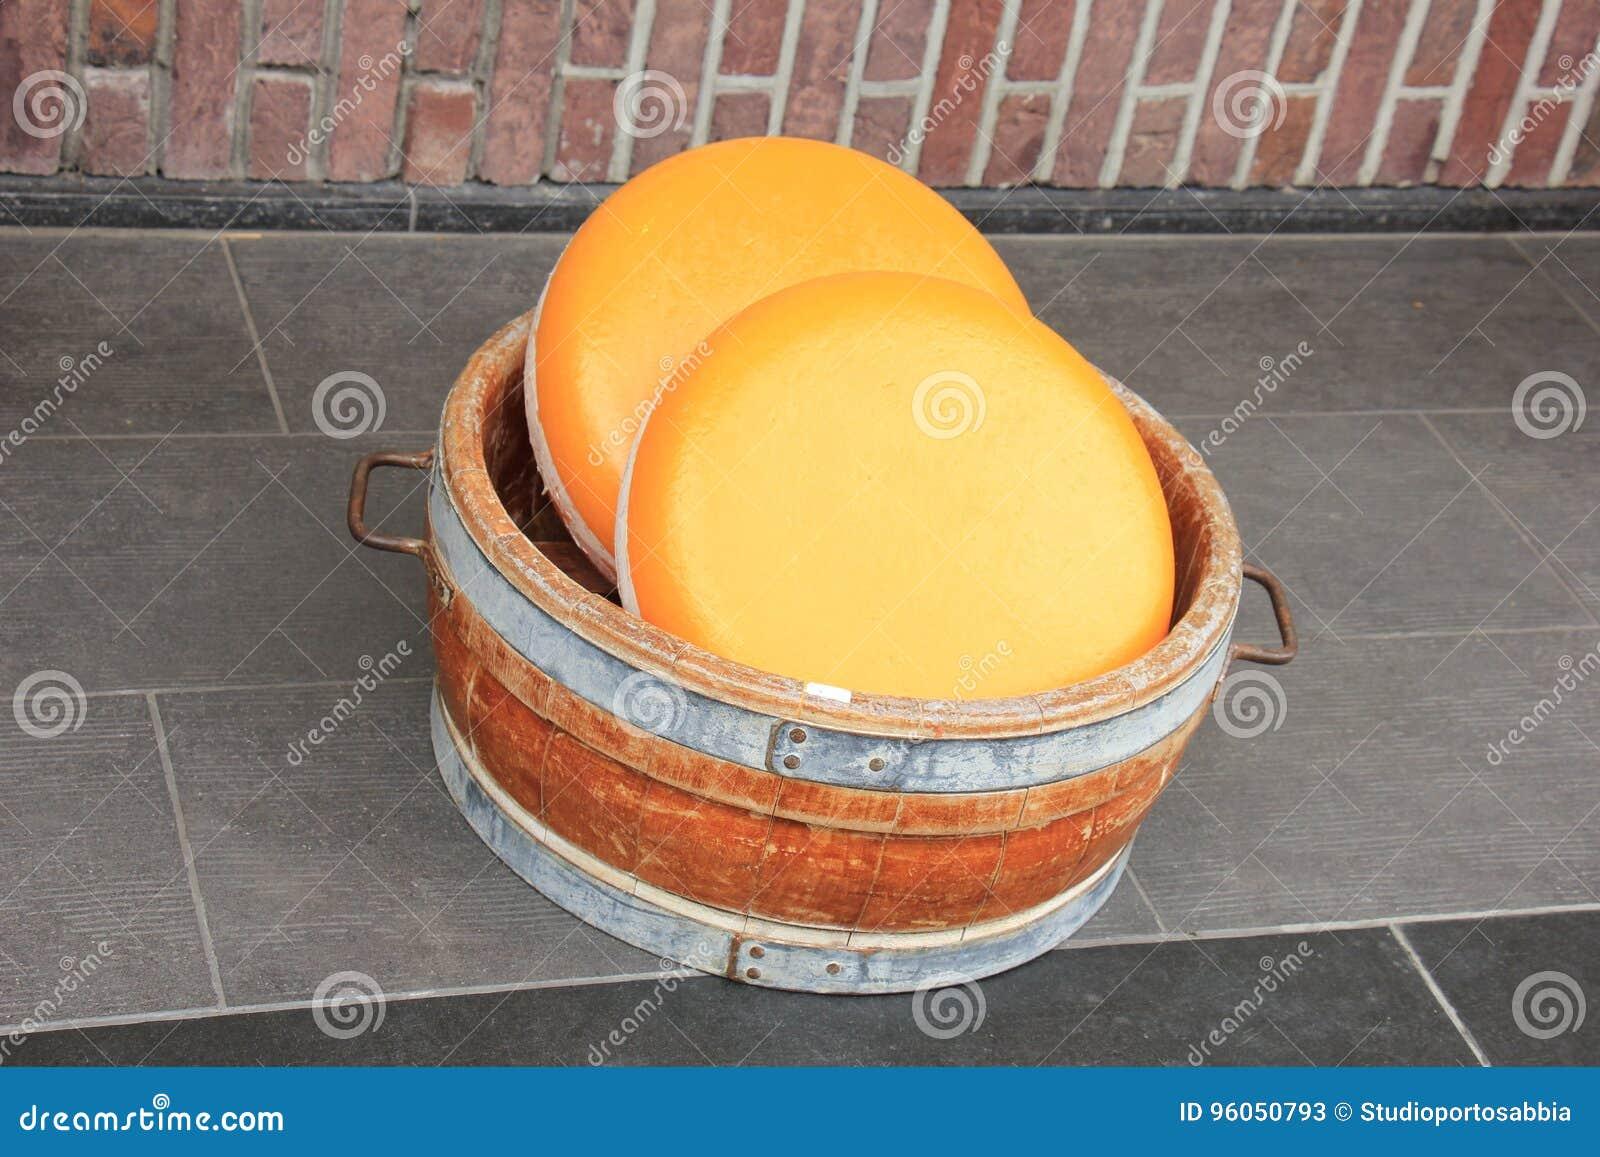 Magasin de fromage de Hollande